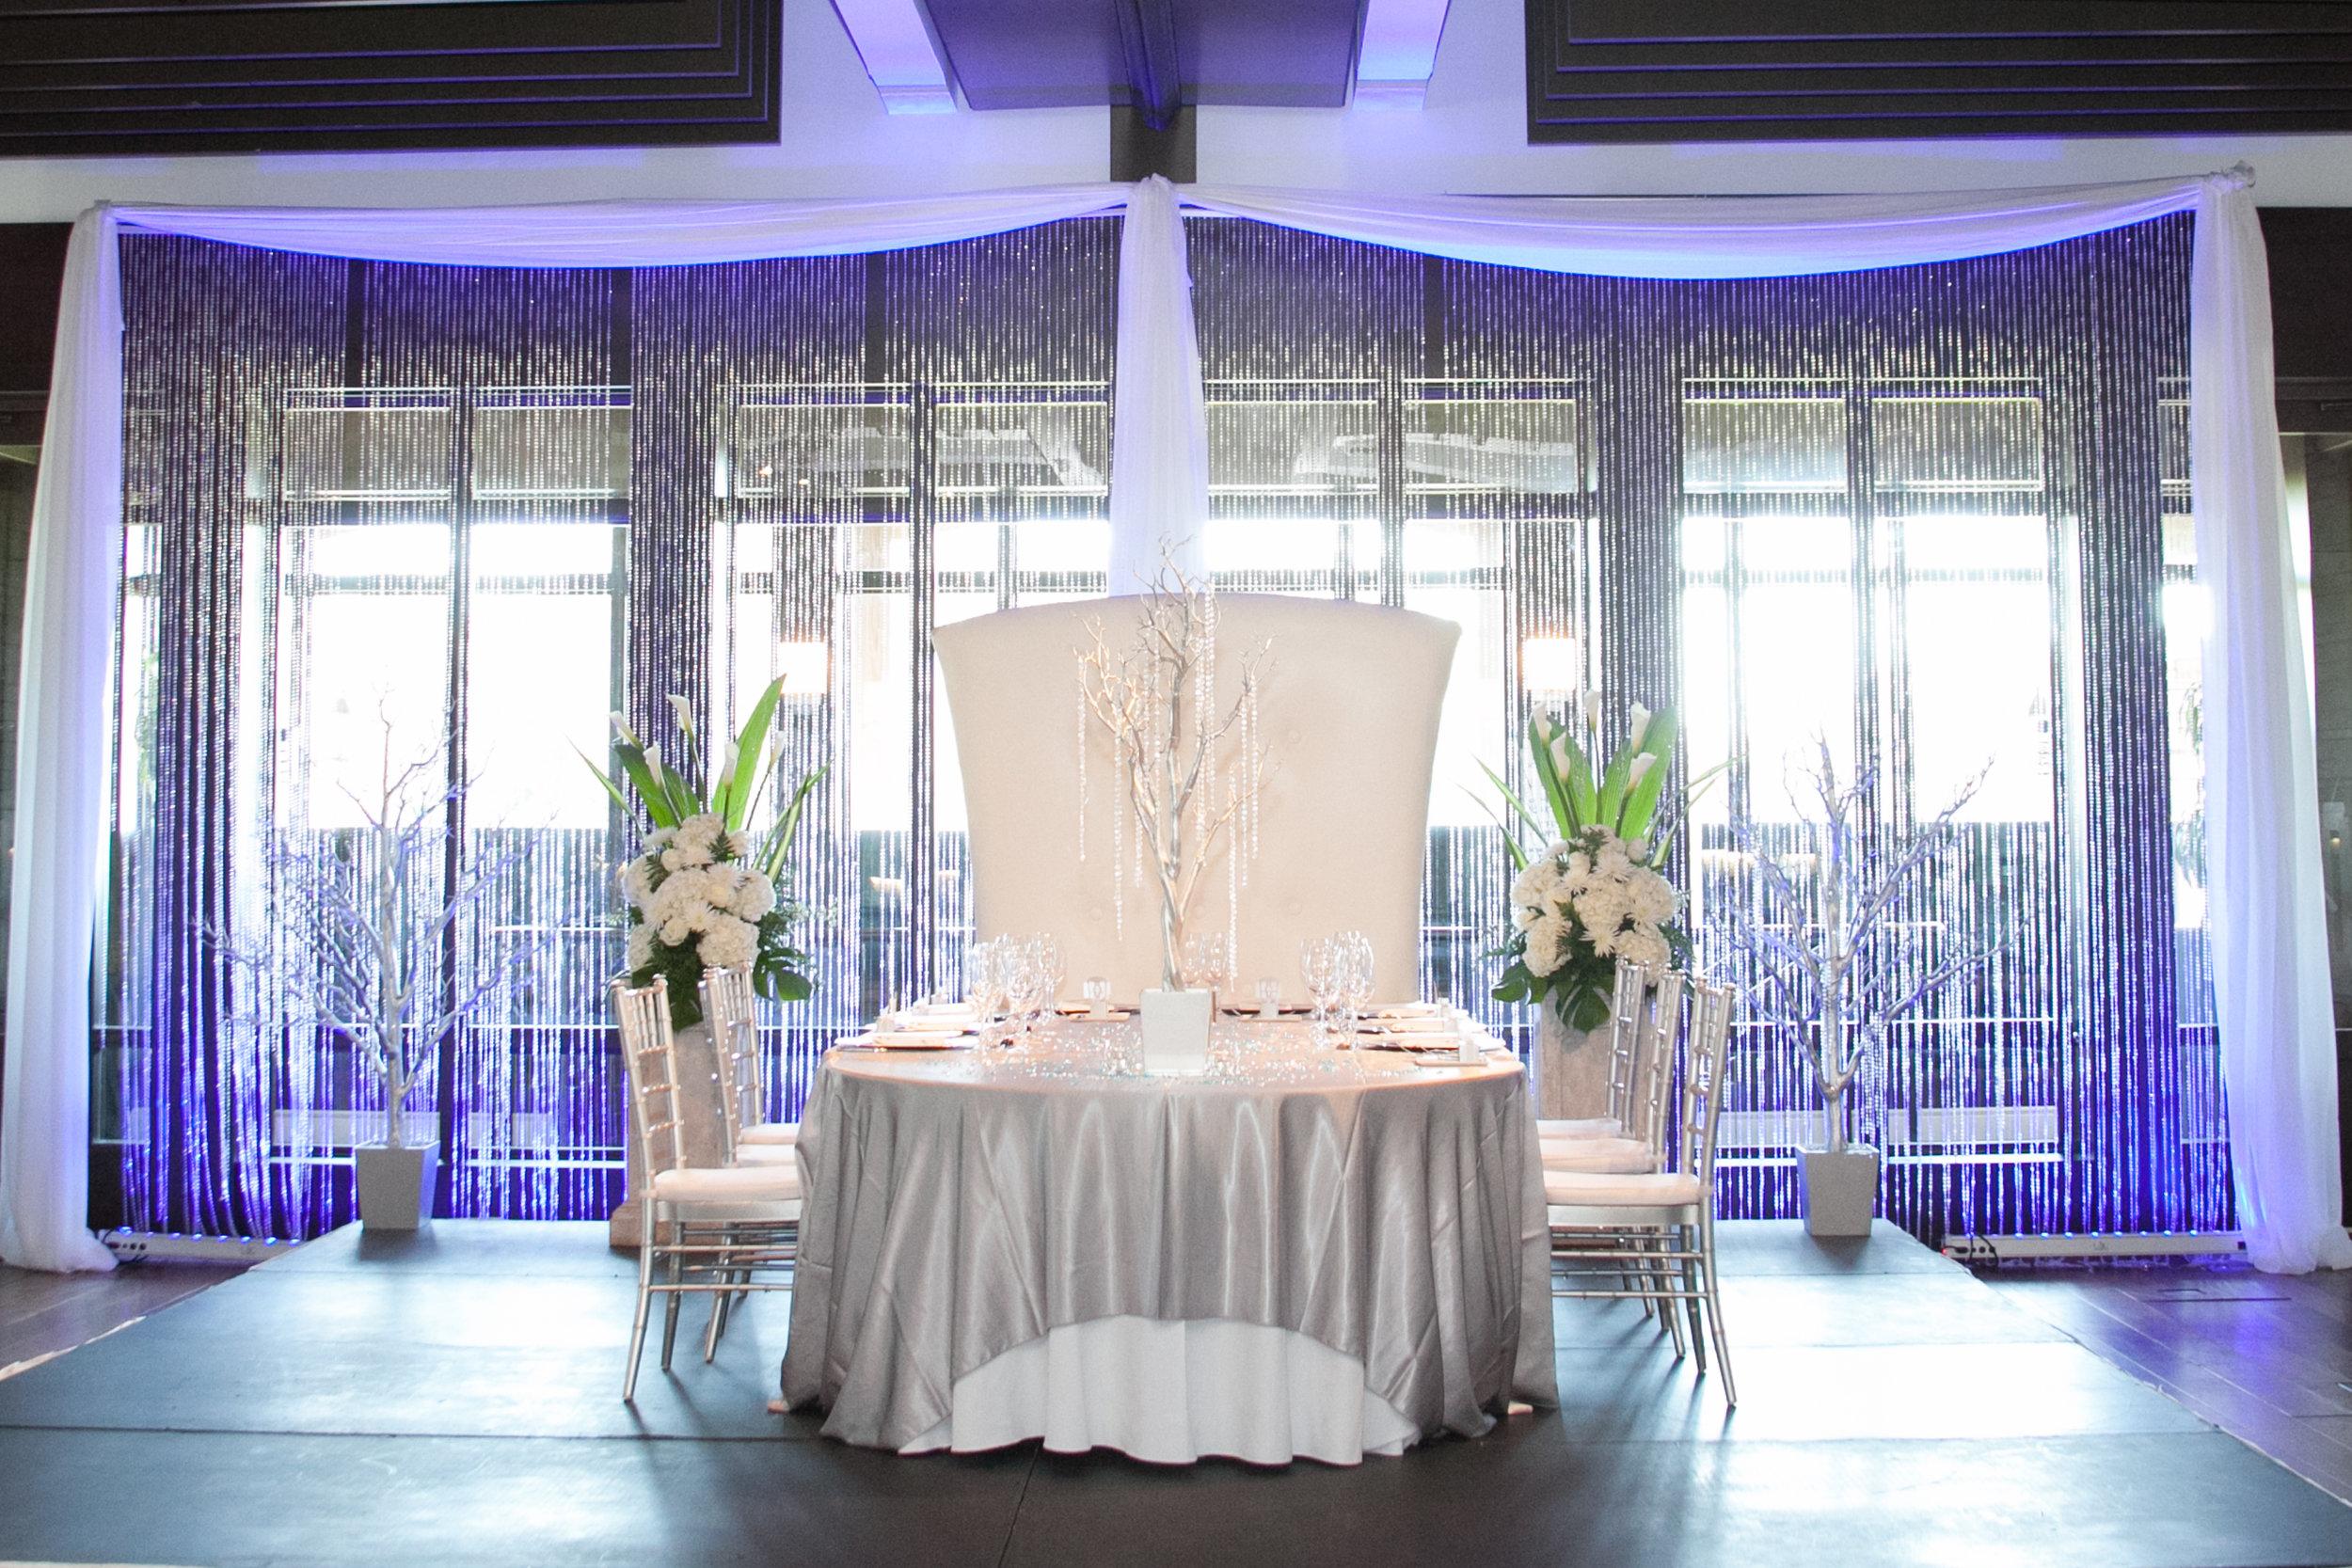 Mariages - Anniversaire de mariageFête prénuptiale (Wedding Shower)Enterrement de vie de jeune fille (Bachelorette Party)Enterrement de vie de garçon (Bachelor Party)